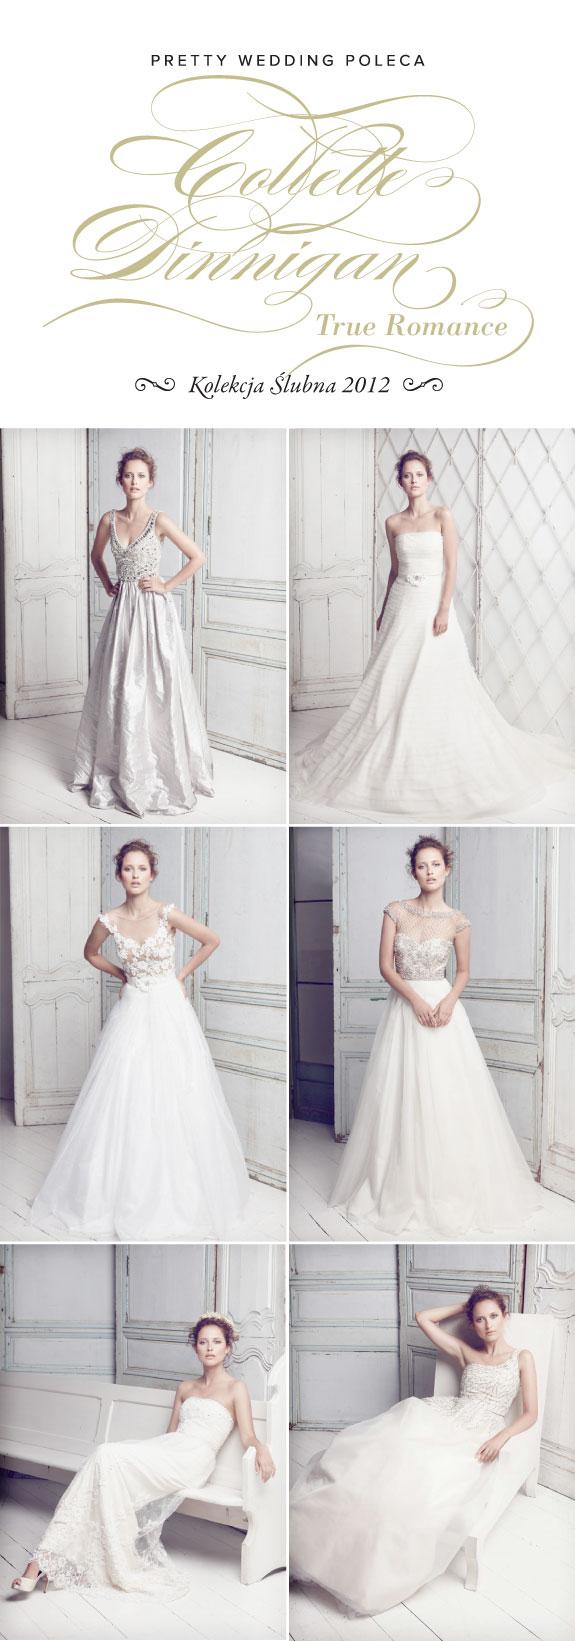 Suknie Ślubne na Sezon 2012 z Kolekcji Collette Dinnigan - True Romance